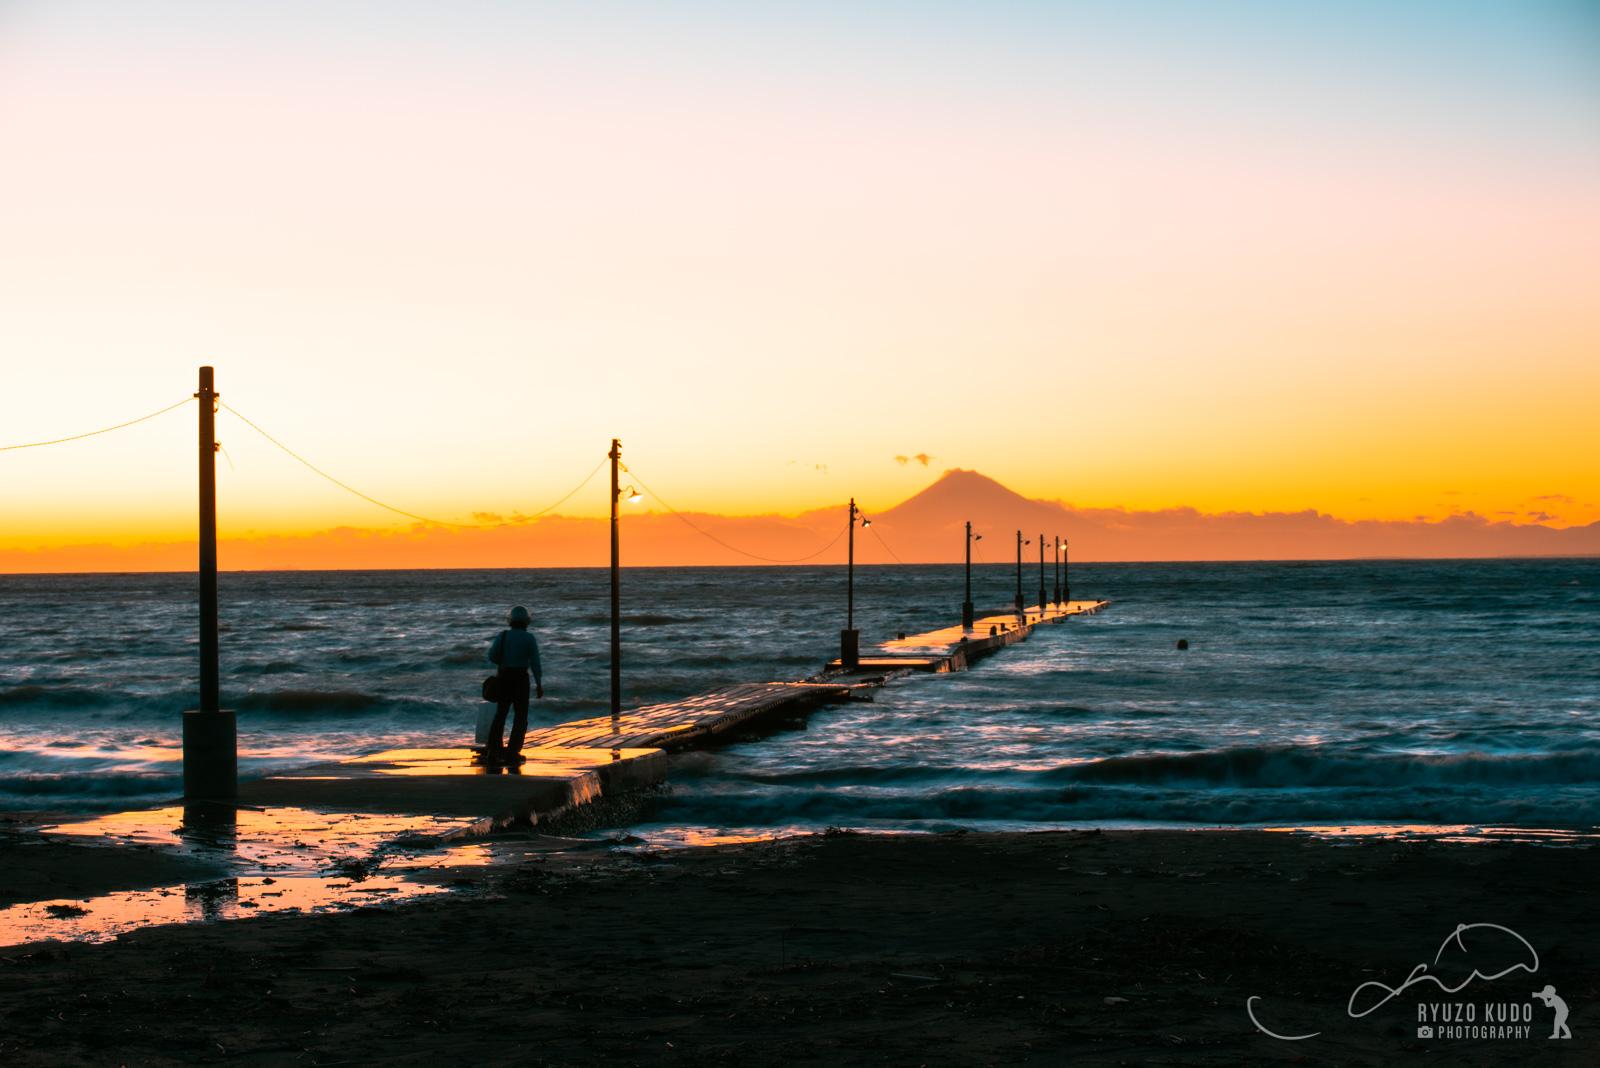 夕焼けスポットで有名な原岡海岸で、夕暮れ時の桟橋を撮影してみました